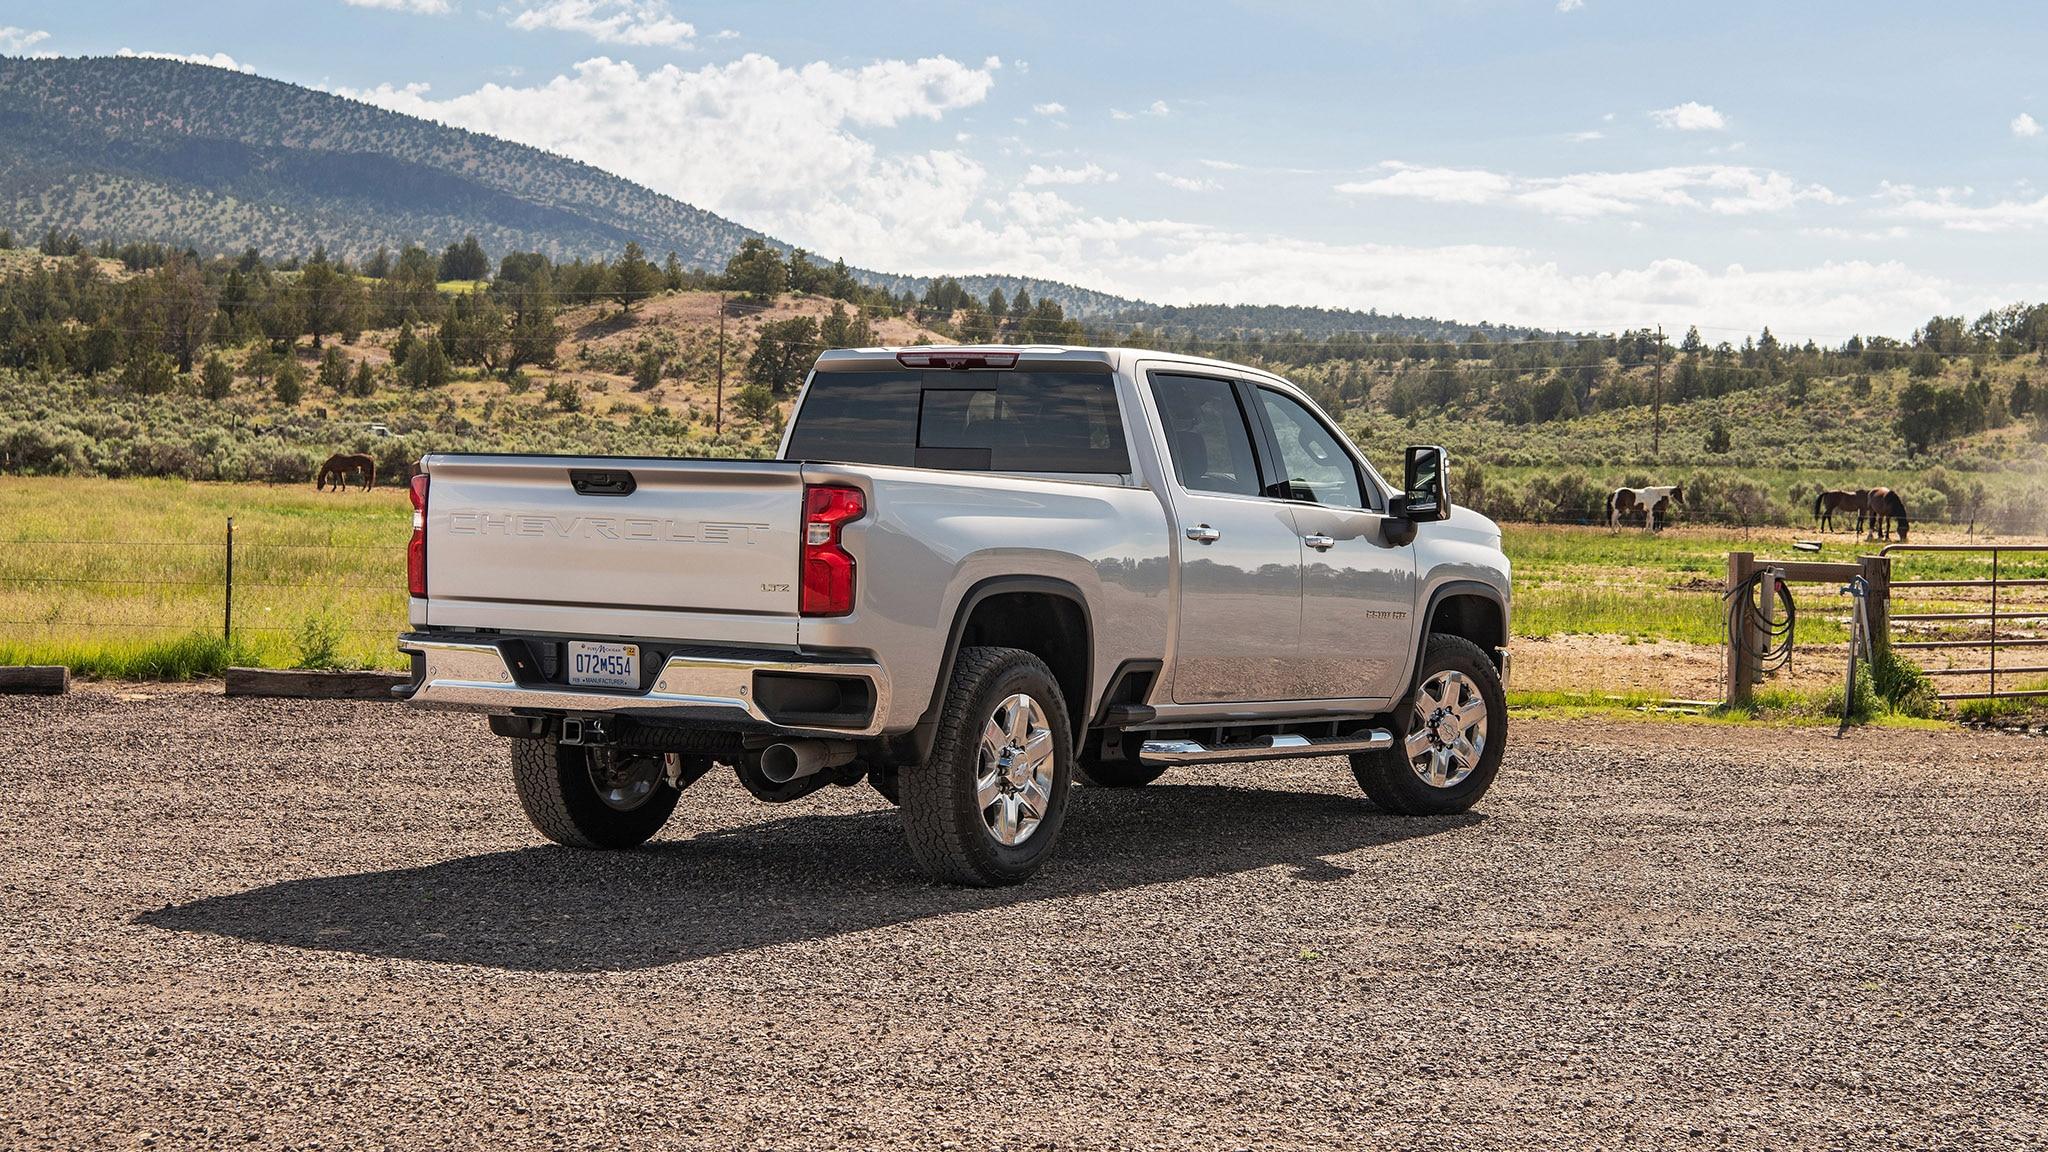 2020 Chevrolet Silverado 2500HD/3500HD First Drive: Tow 'Nuff   Automobile Magazine